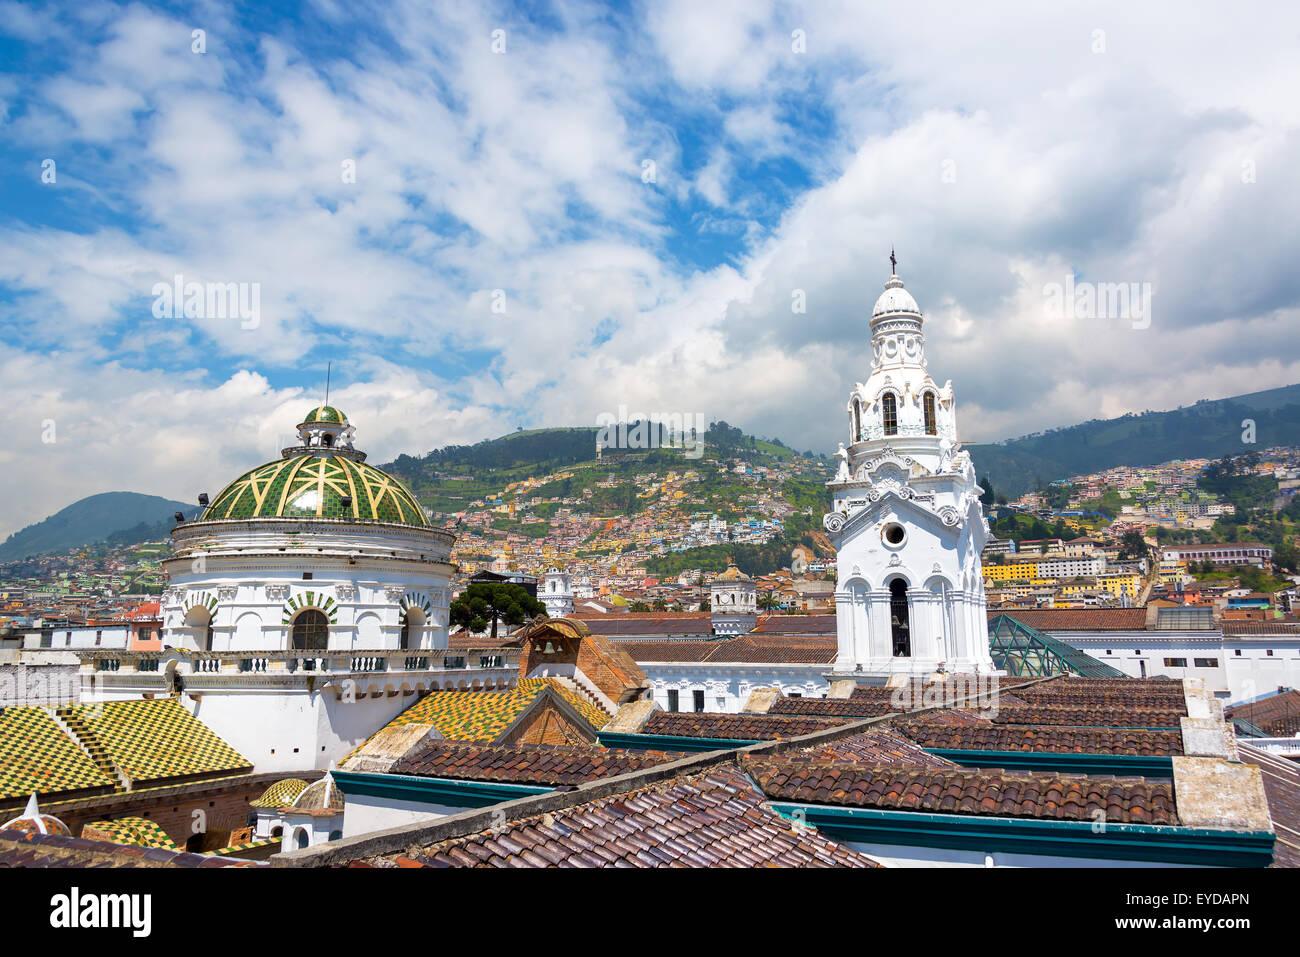 Cattedrale con popolate colline visibile in background nello storico centro coloniale di Quito, Ecuador Immagini Stock